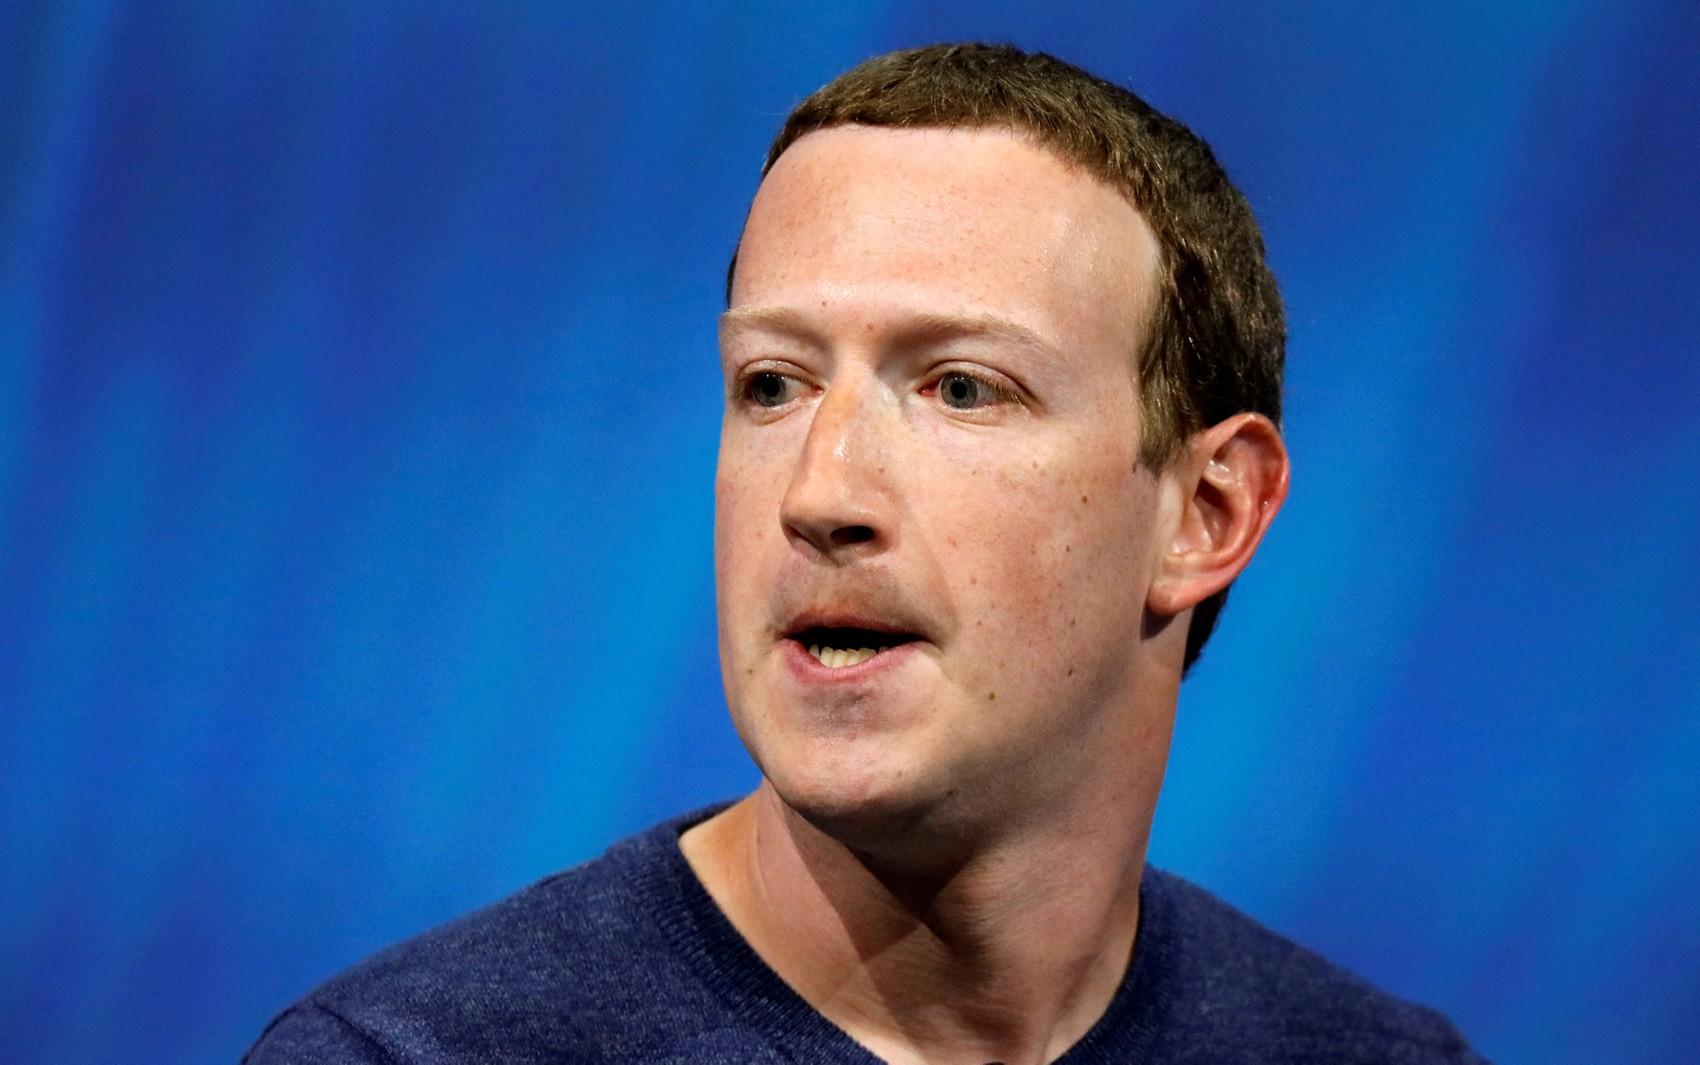 Facebook lança 'corte de apelação' para conteúdo controverso - Radio Evangelho Gospel